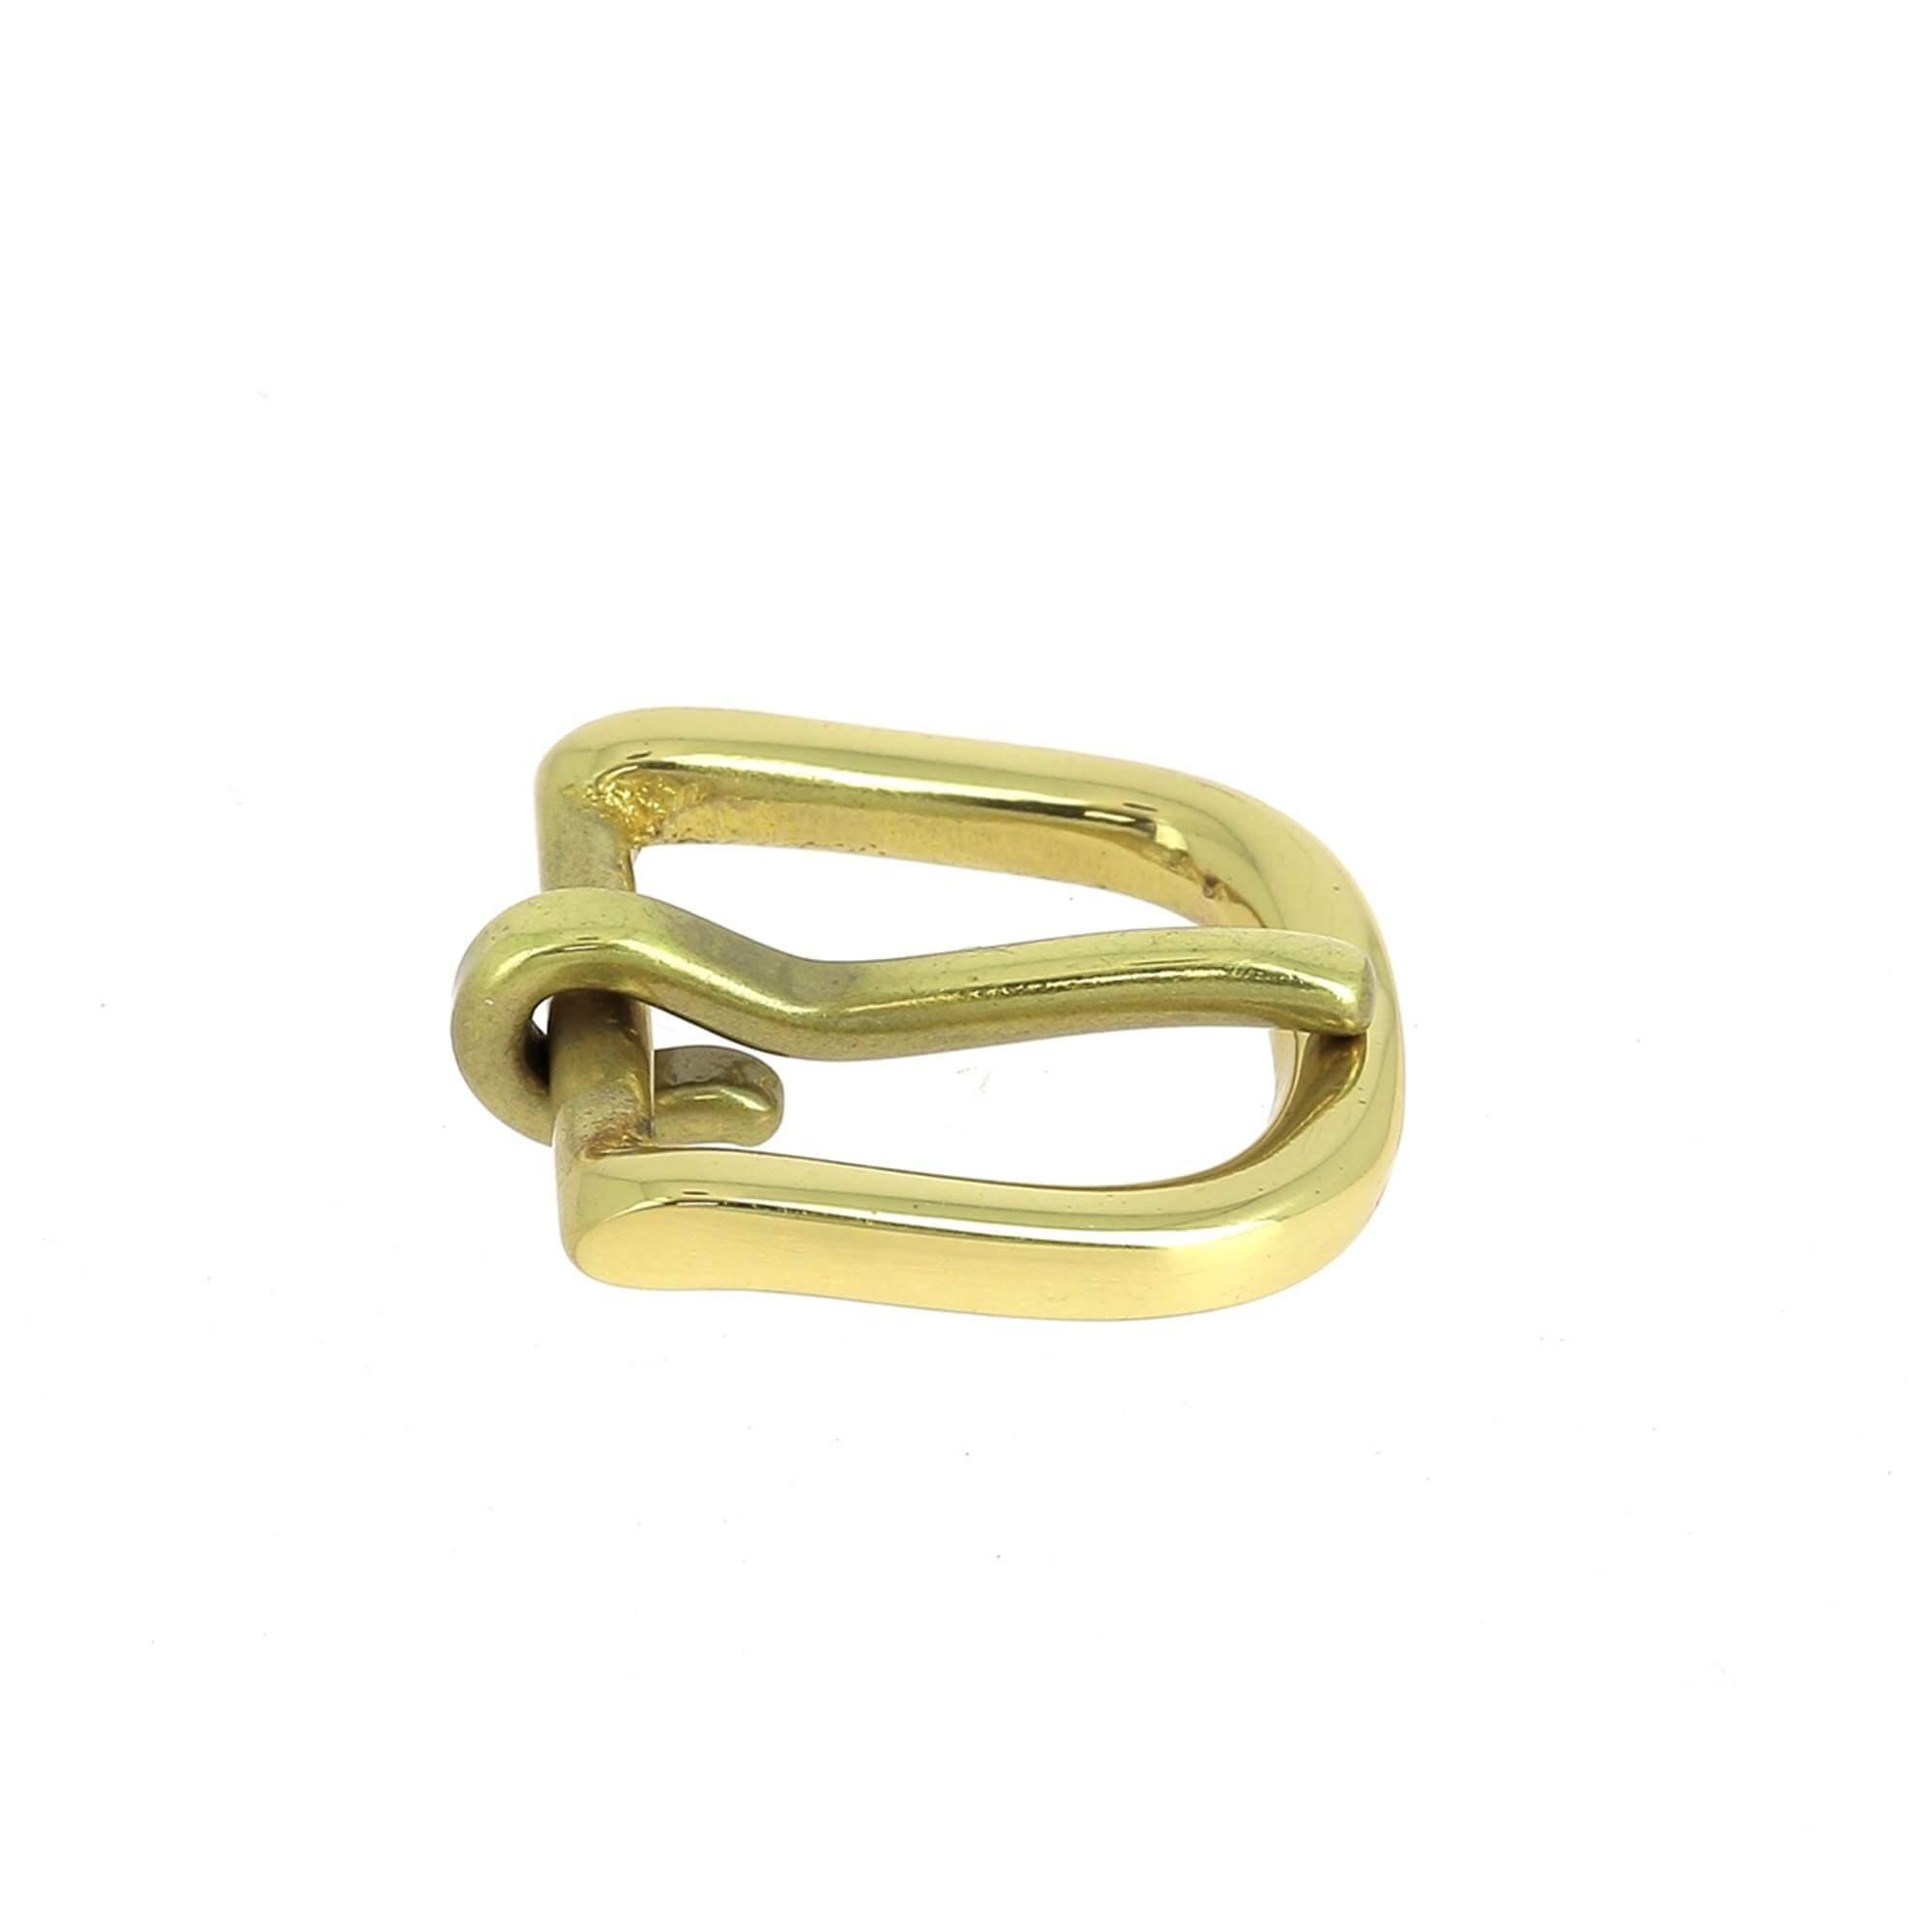 Boucle de ceinture LÉA - LAITON - Tandy Leather